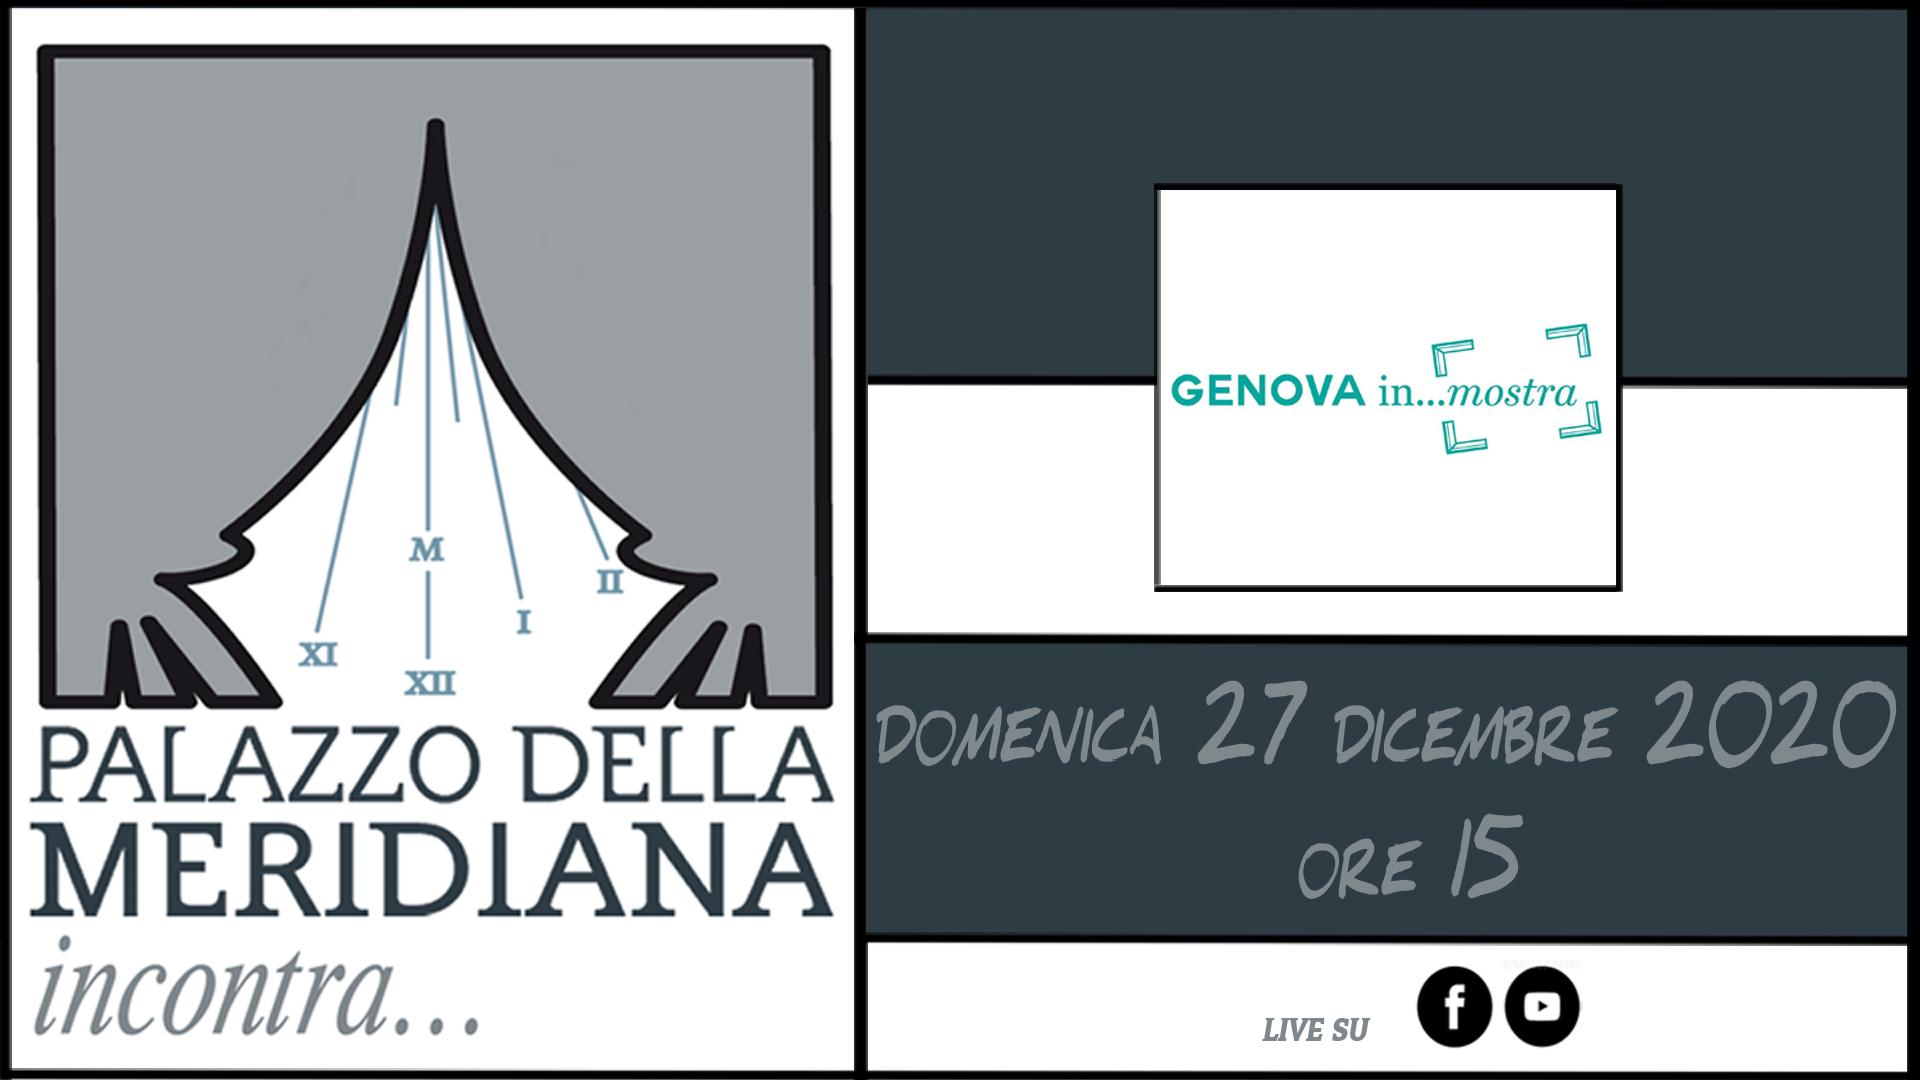 la meridiana incontra_Genova in mostra_Evento FB 1920x1080